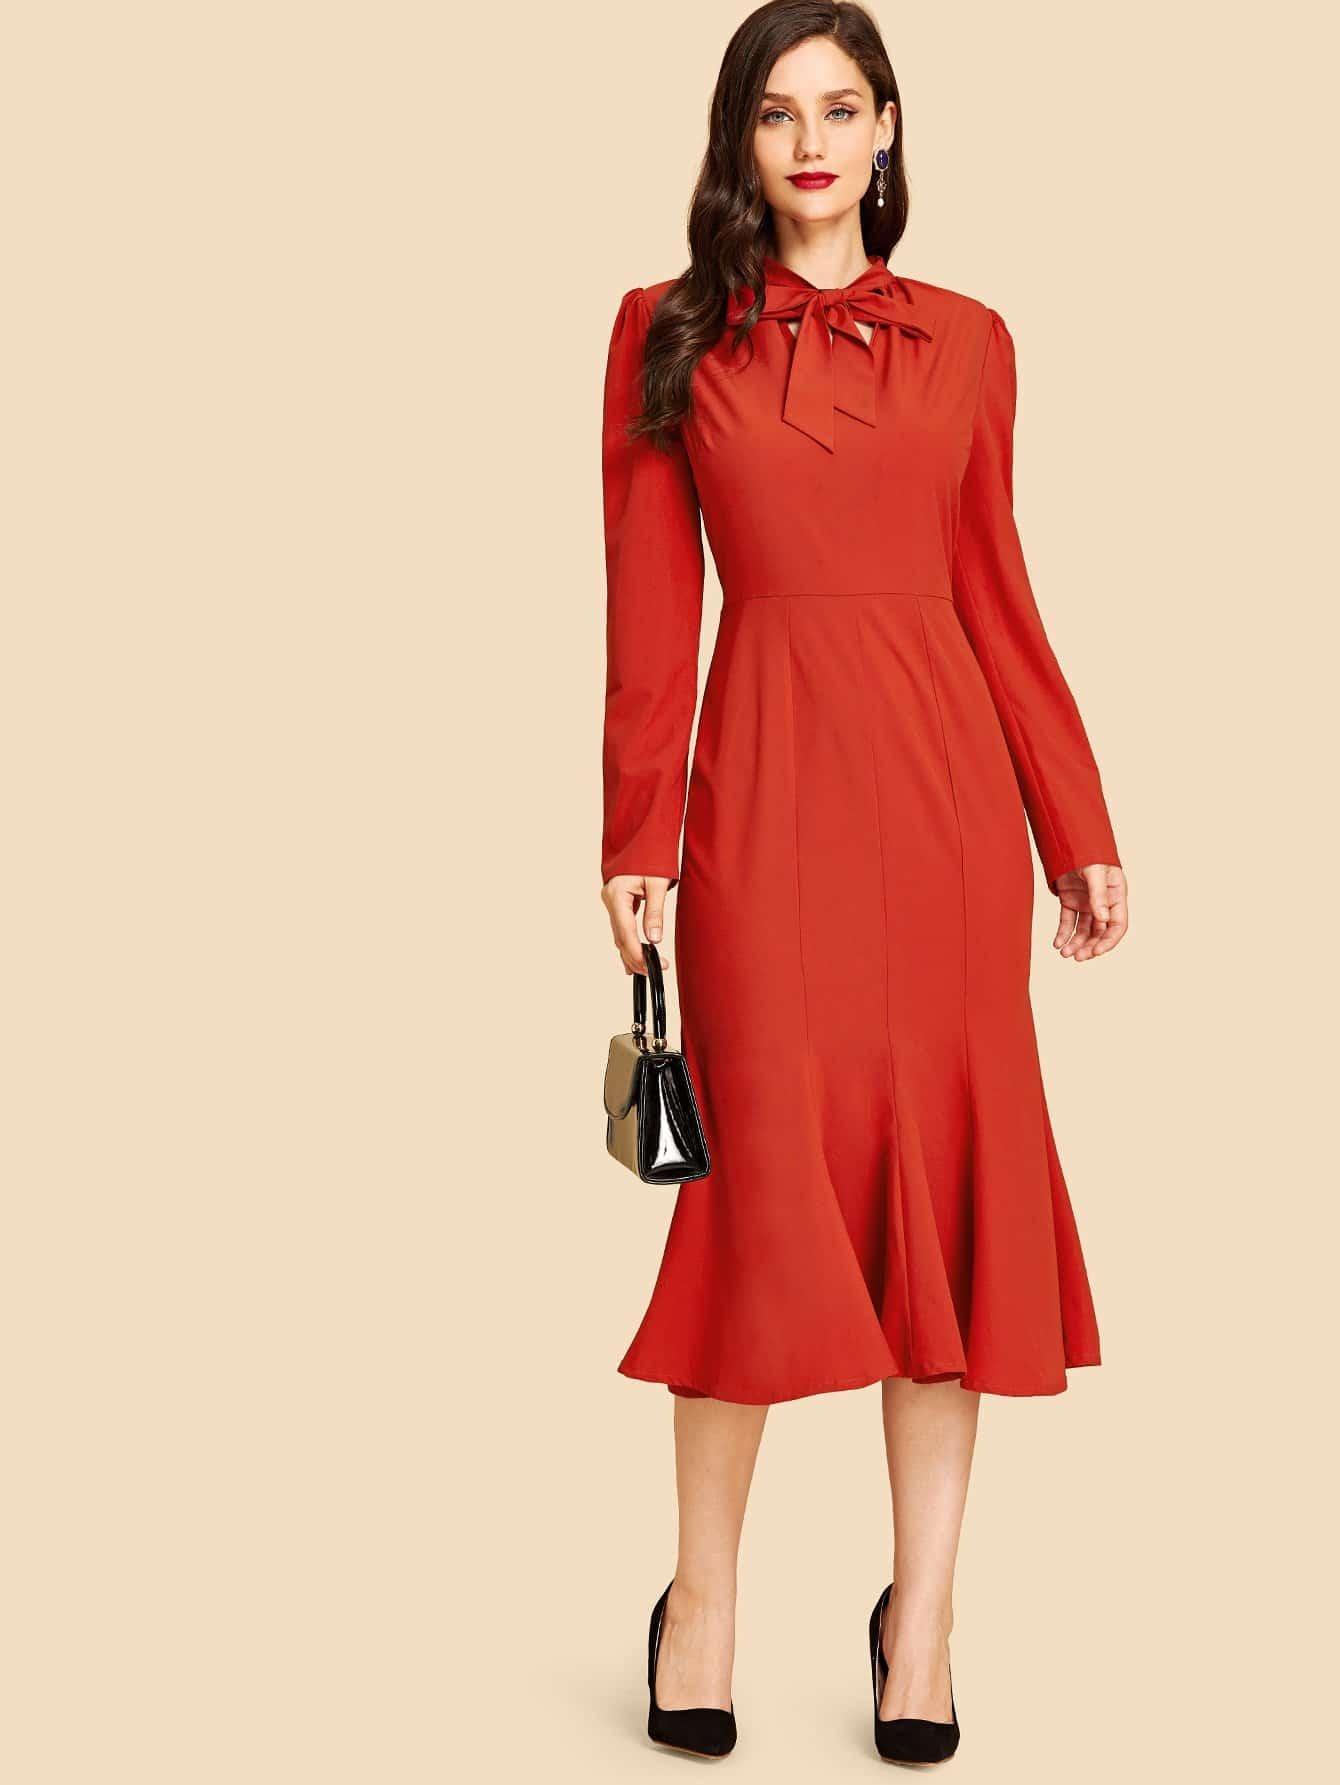 Купить Платье с застёжкой молния сзади одежды и воротник с галстуком и подол с розеткой, Julie H., SheIn